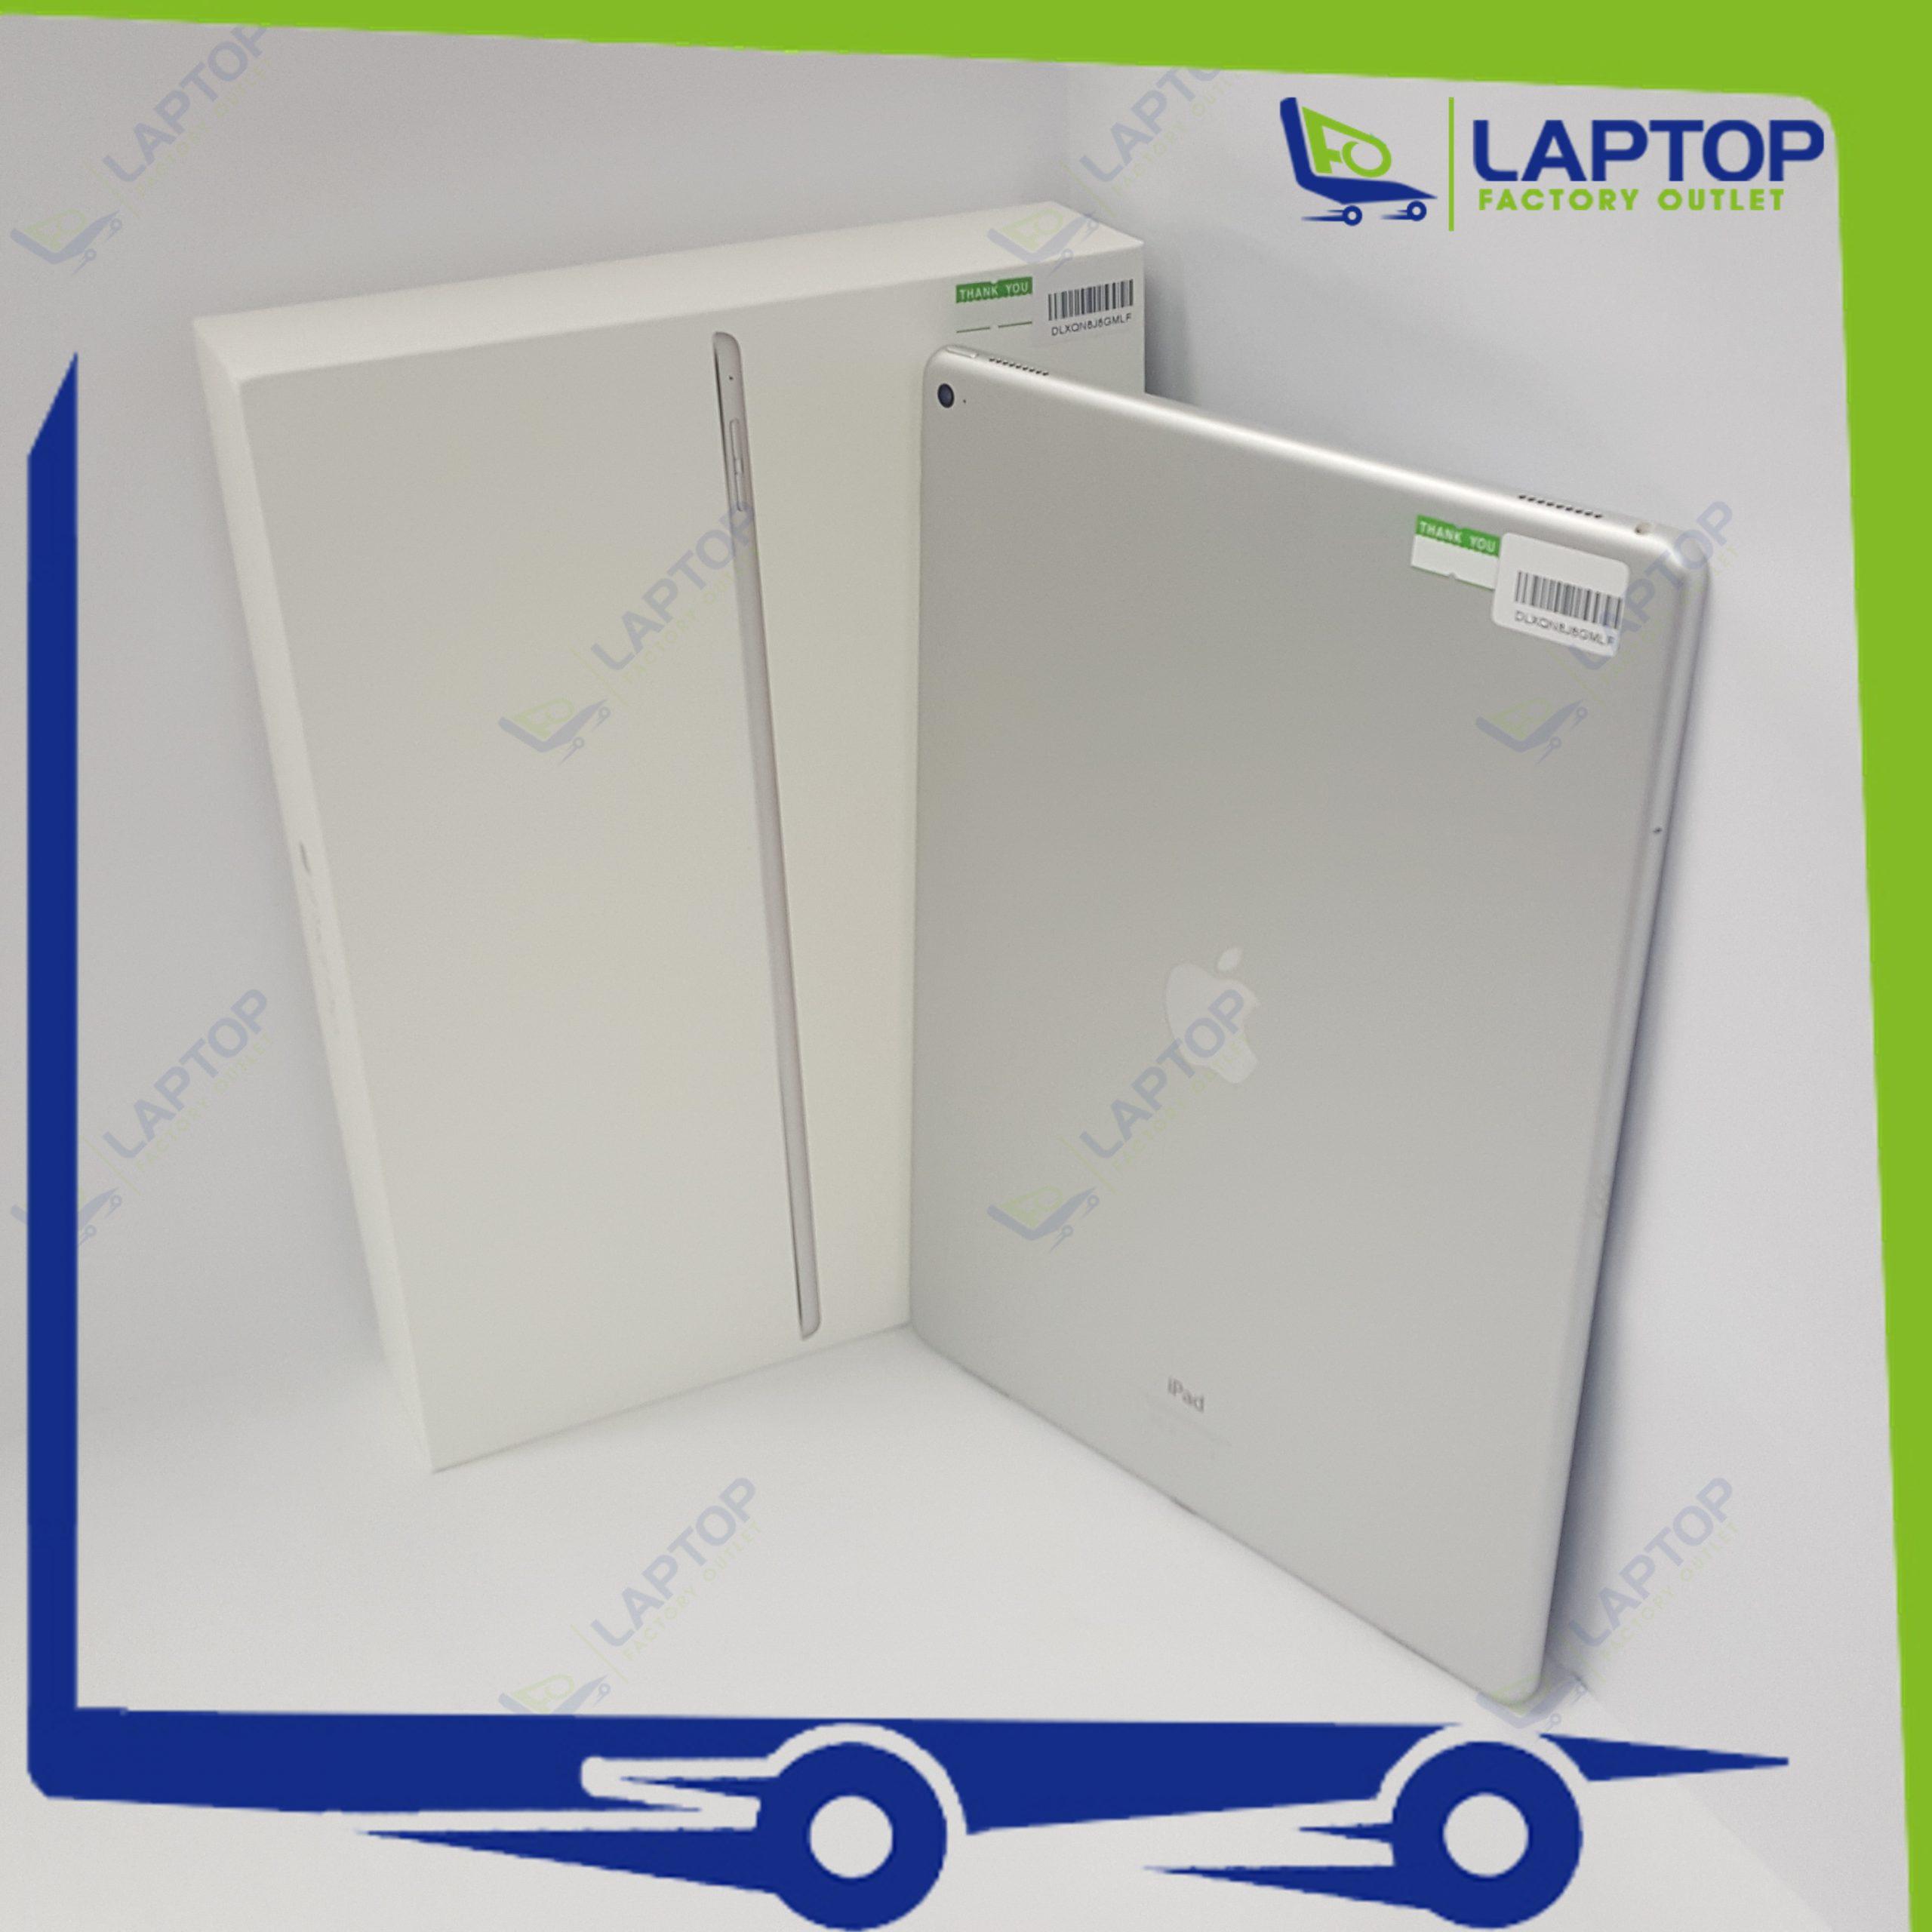 APPLE iPad Pro 12.9 (WiFi) 32GB Silver [Preowned]